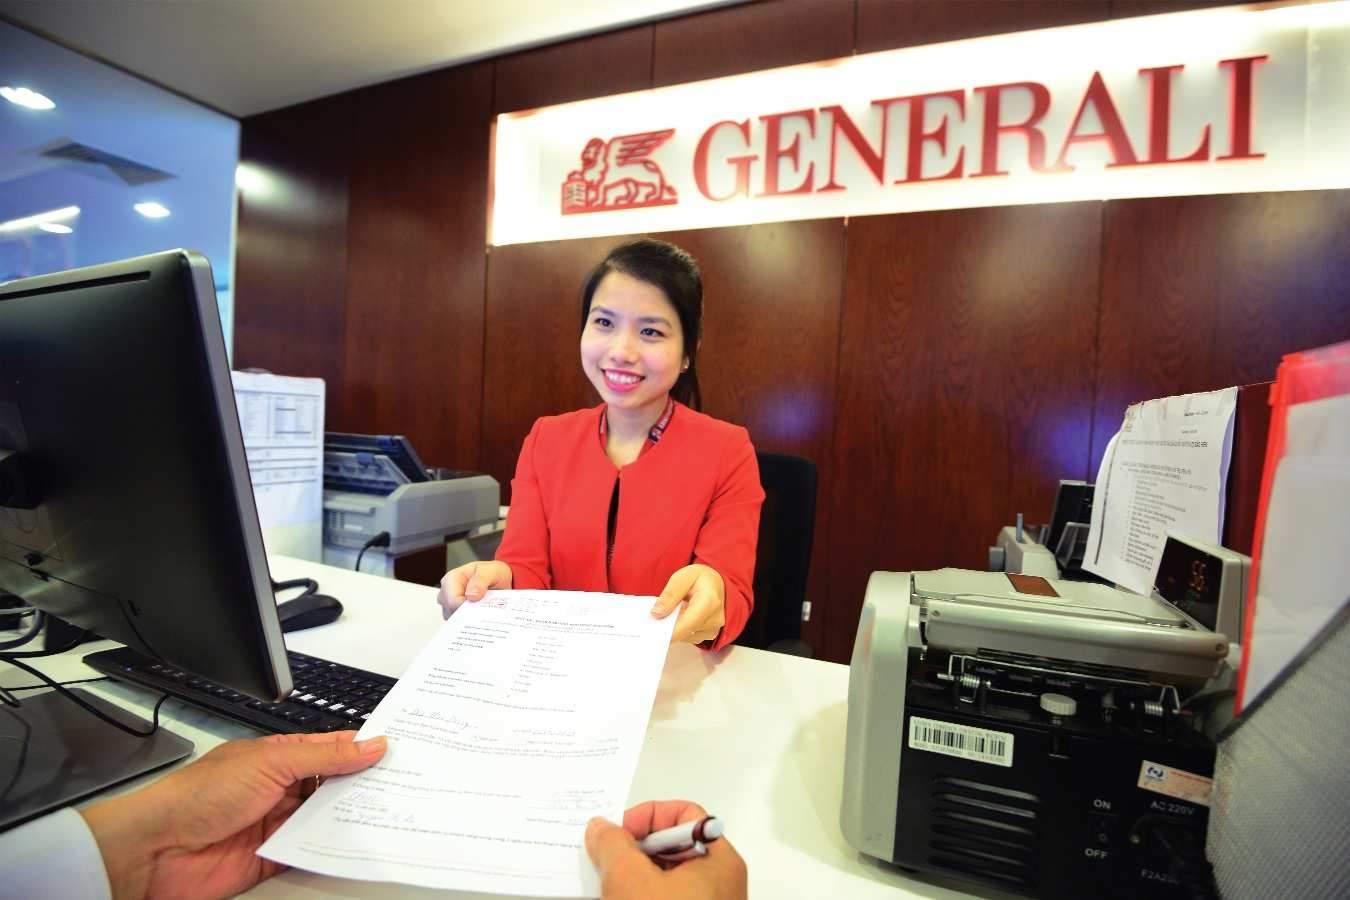 Đến phòng giao dịch Generali để được hỗ trợ